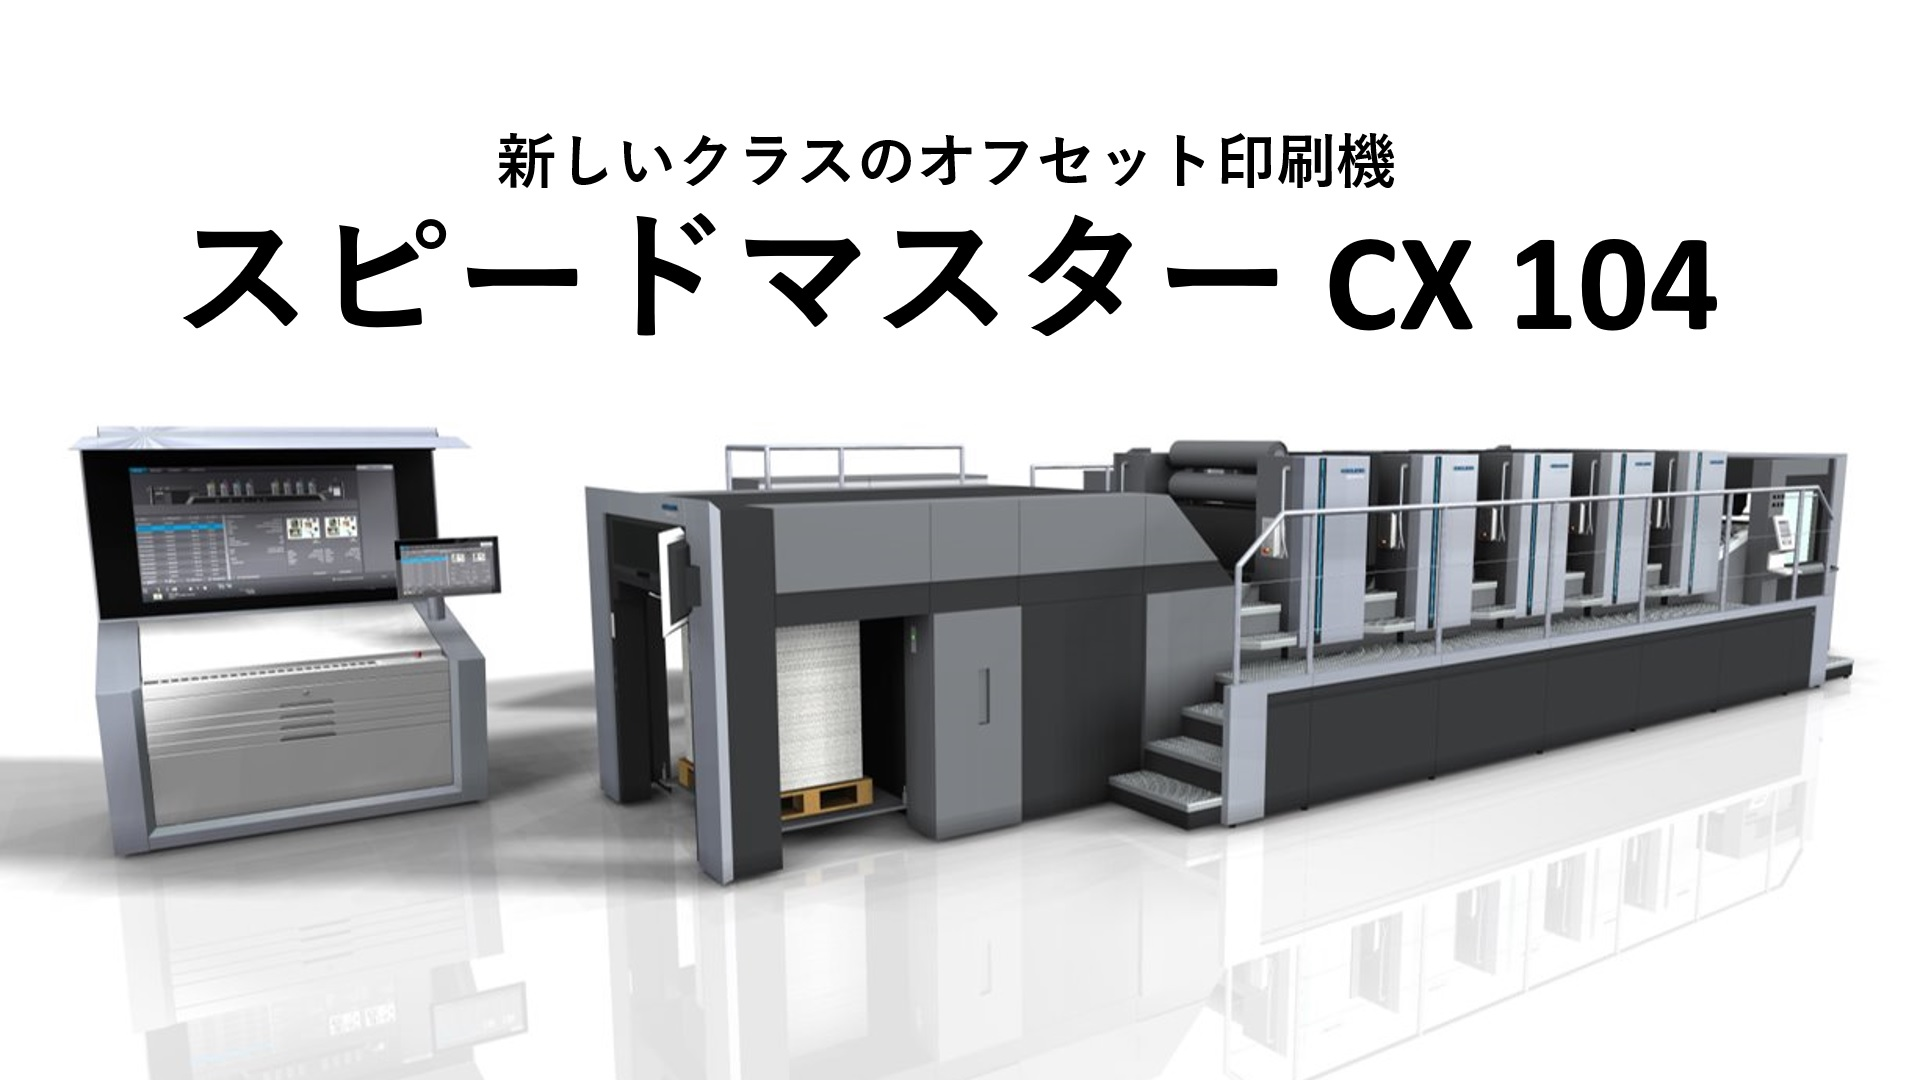 ハイデルベルグ枚葉印刷機<BR>アジアパシフィックの製品責任者が語る<BR>スピードマスター CX104  -その2-